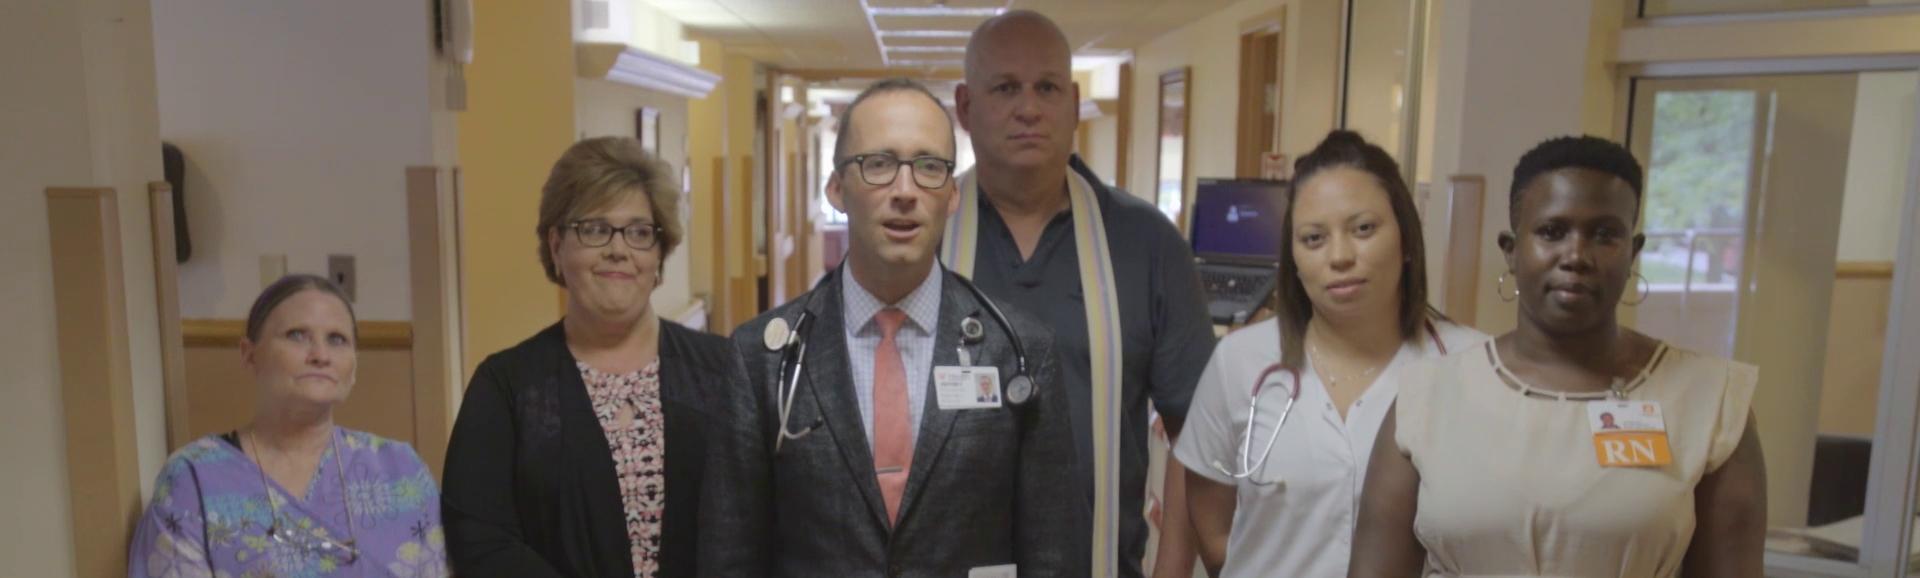 MKV post-acute care SIBR team